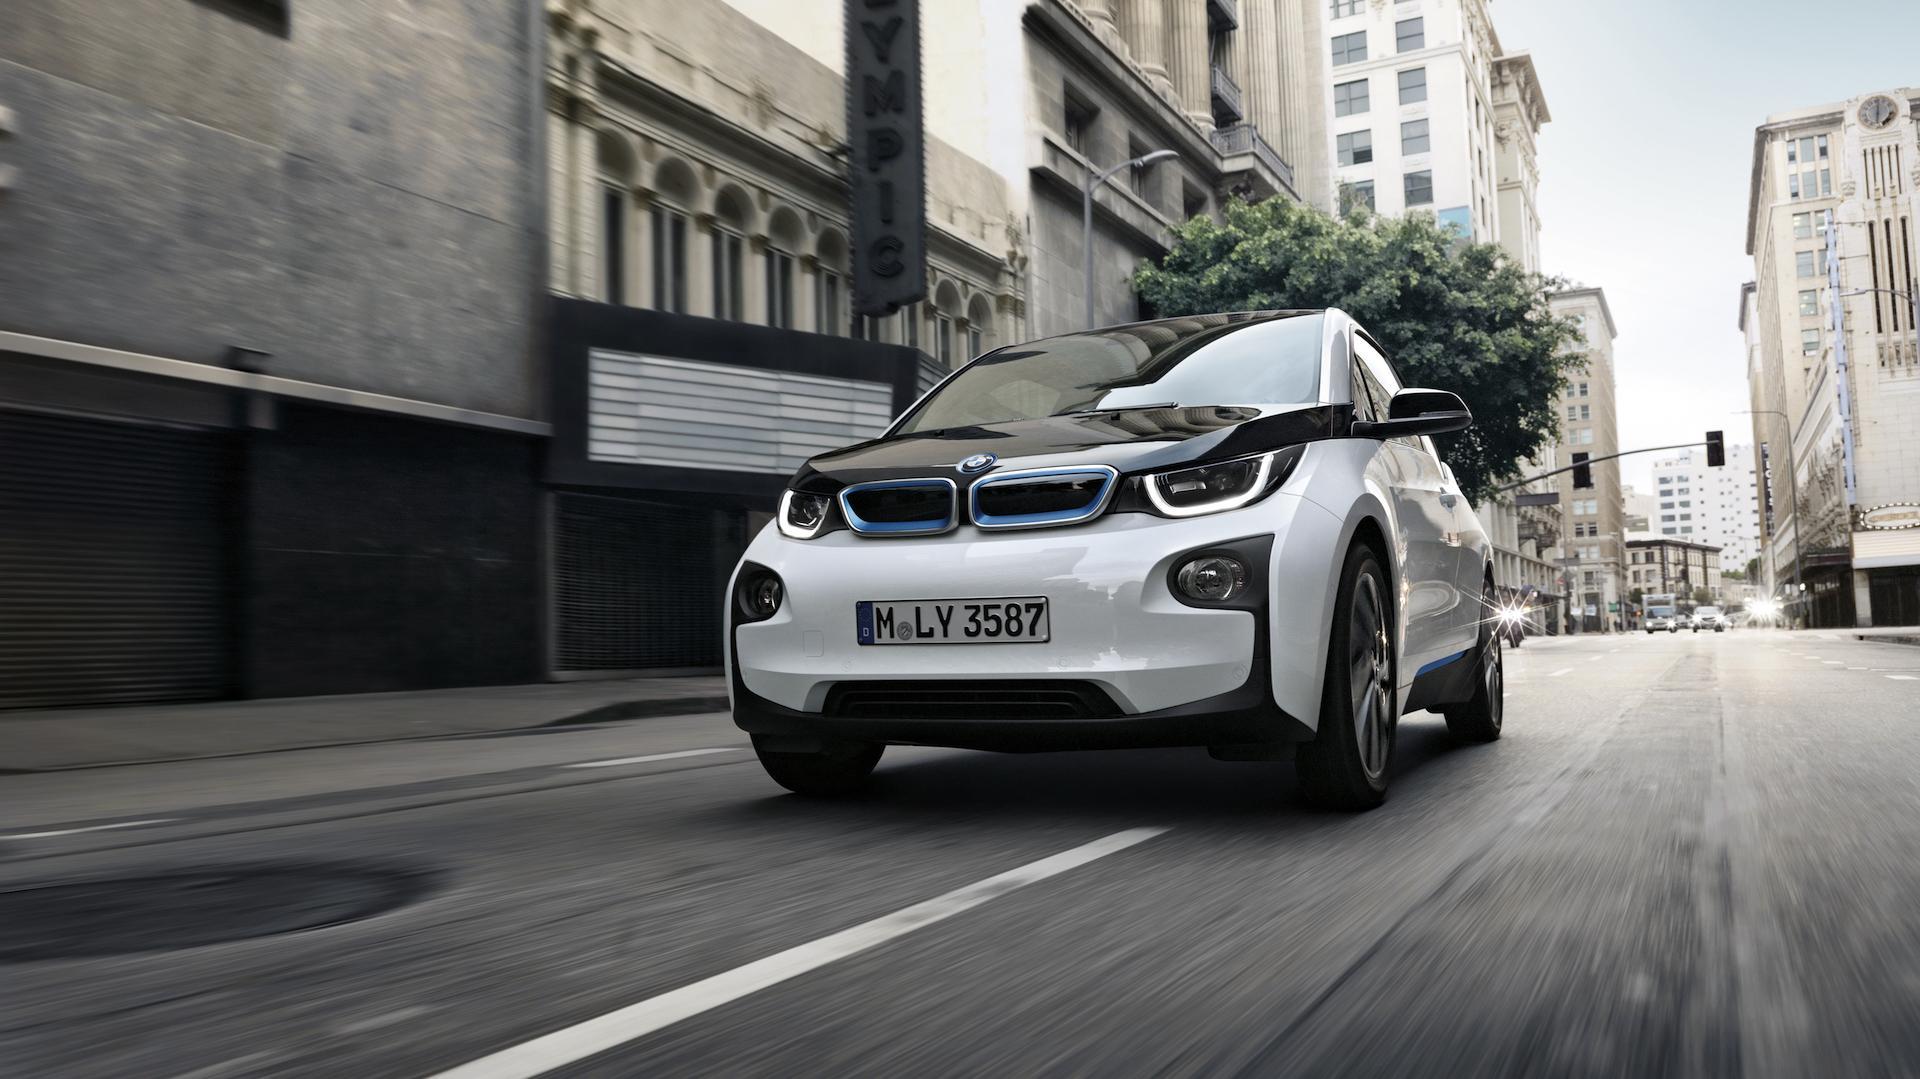 El BMW i3 es el único auto del mundo con certificado libre de CO2